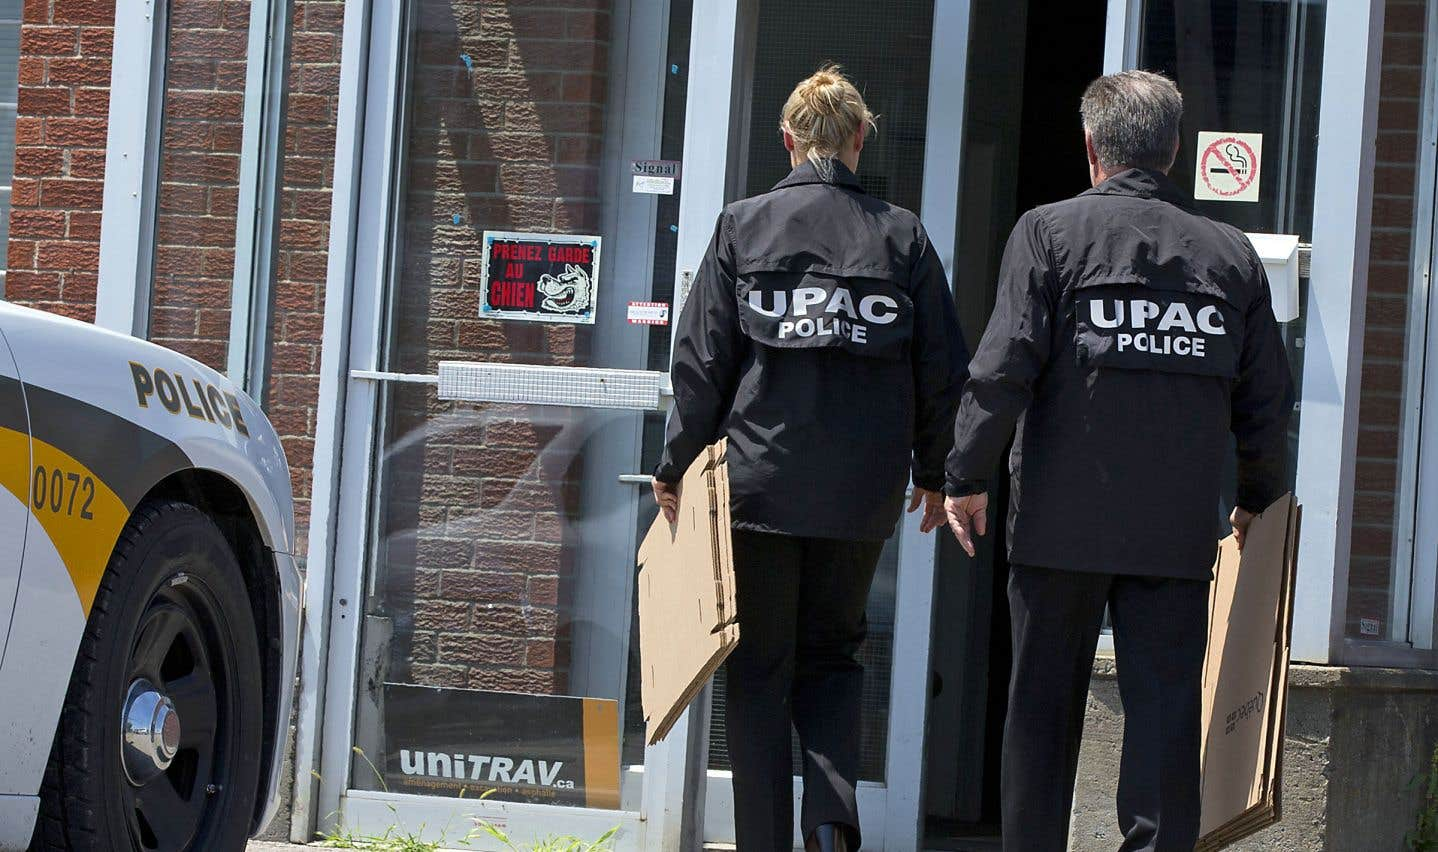 La nouvelle indépendance de l'UPAC divise